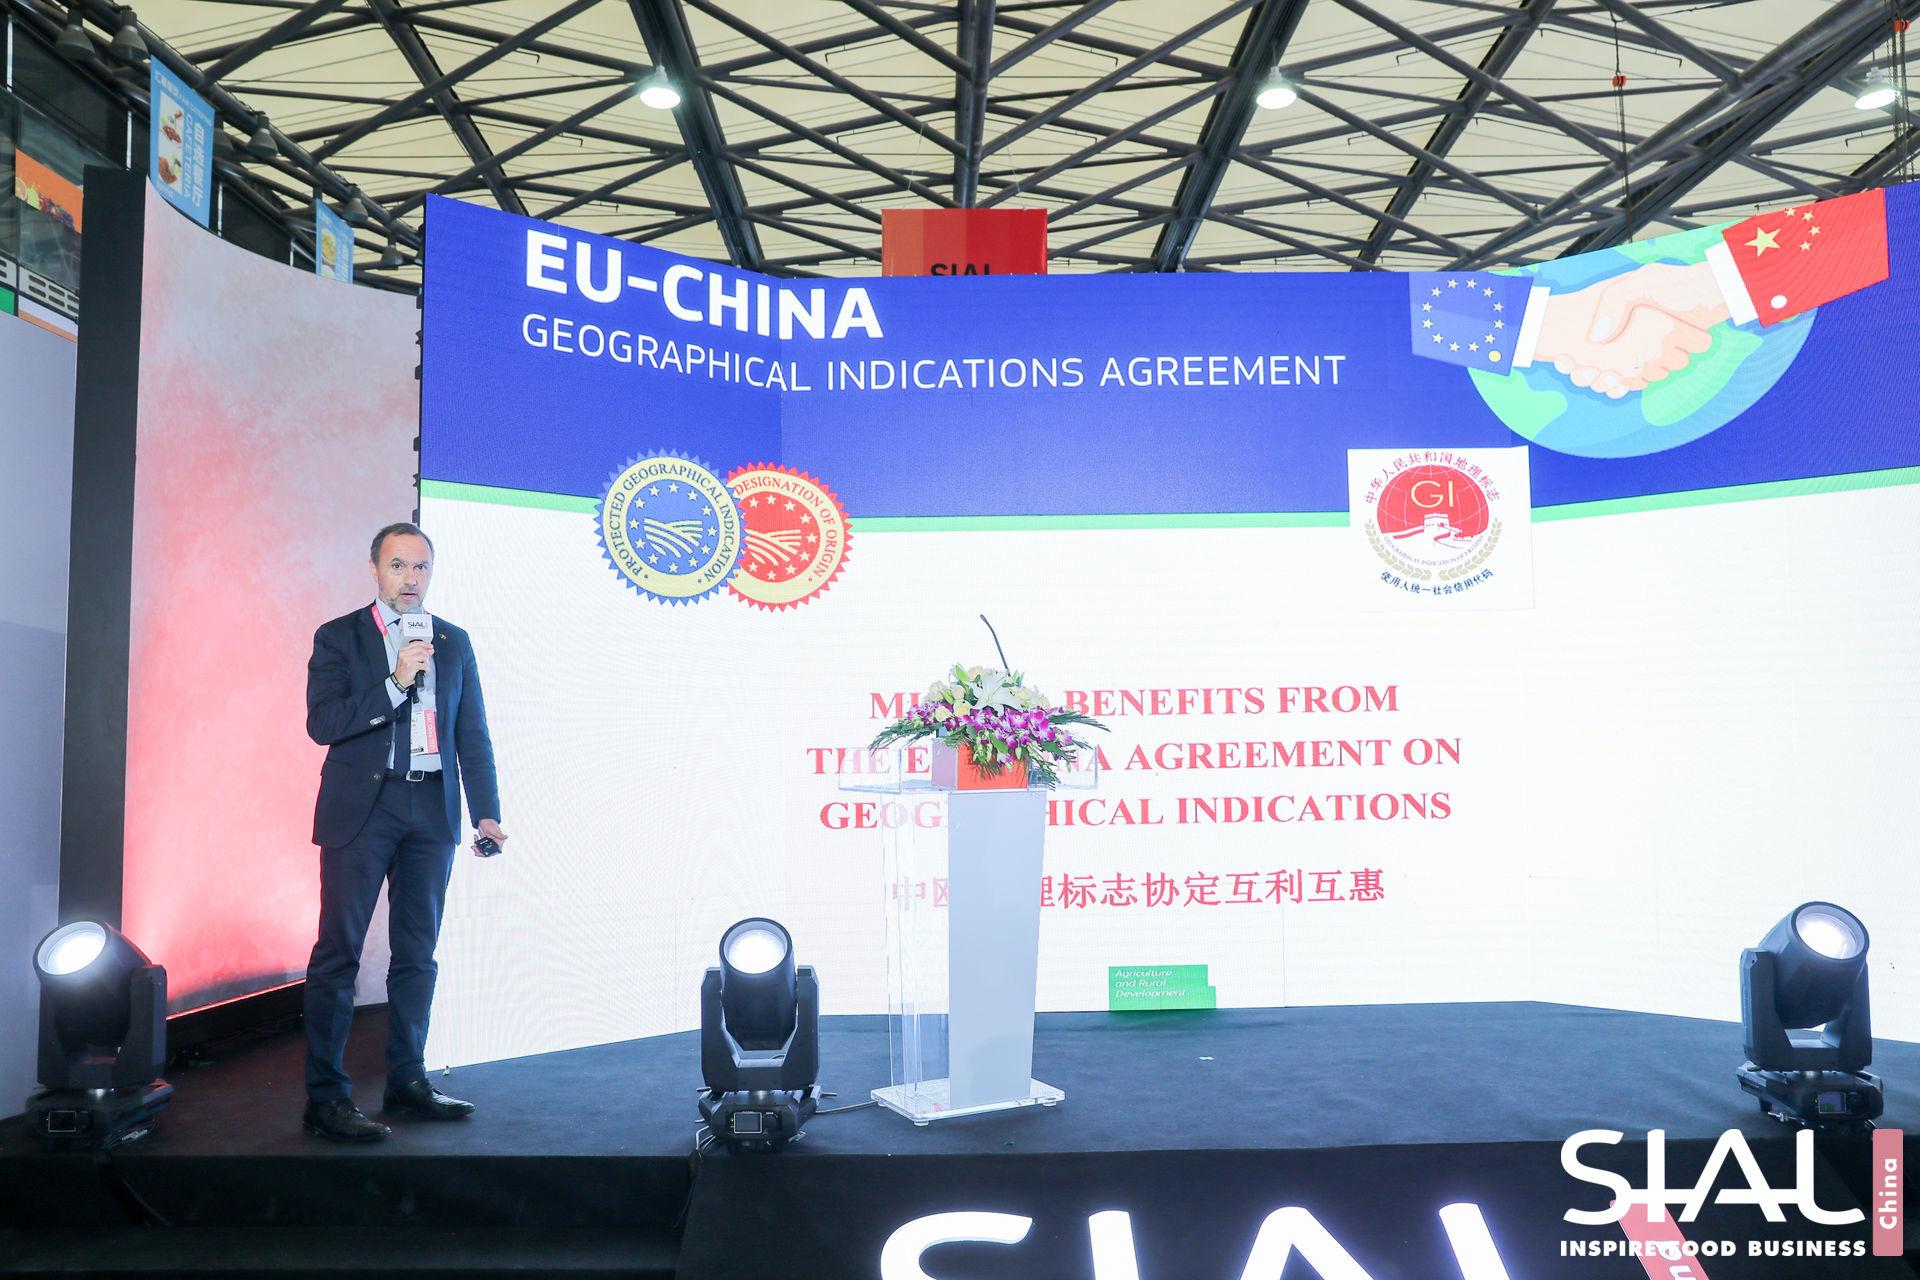 进口食品行业峰会